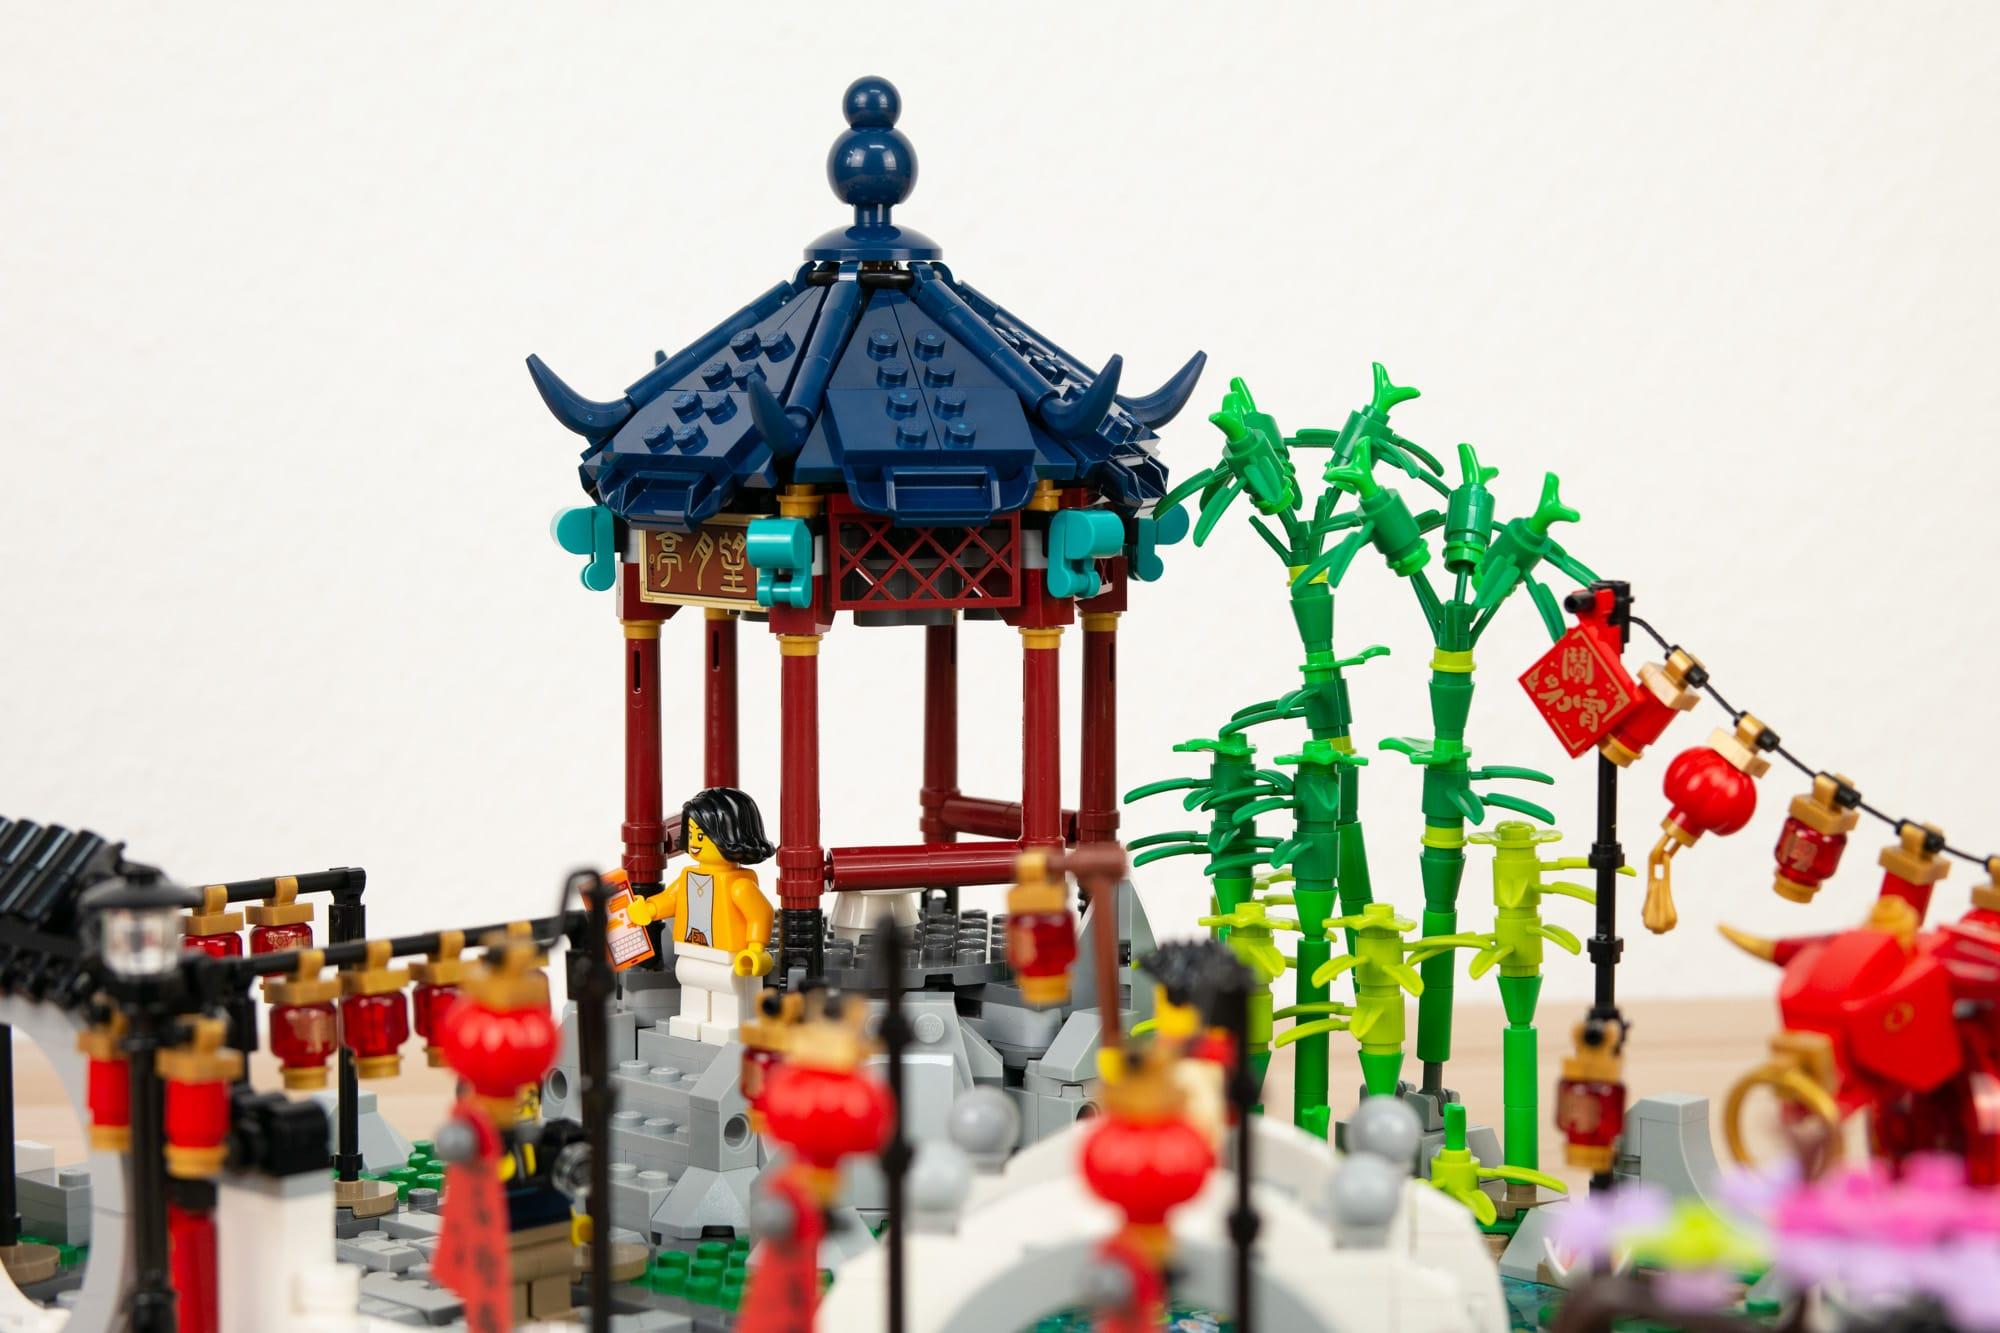 LEGO 80107 Fruehlingslaternenfest Chinesisches Neujahr 76